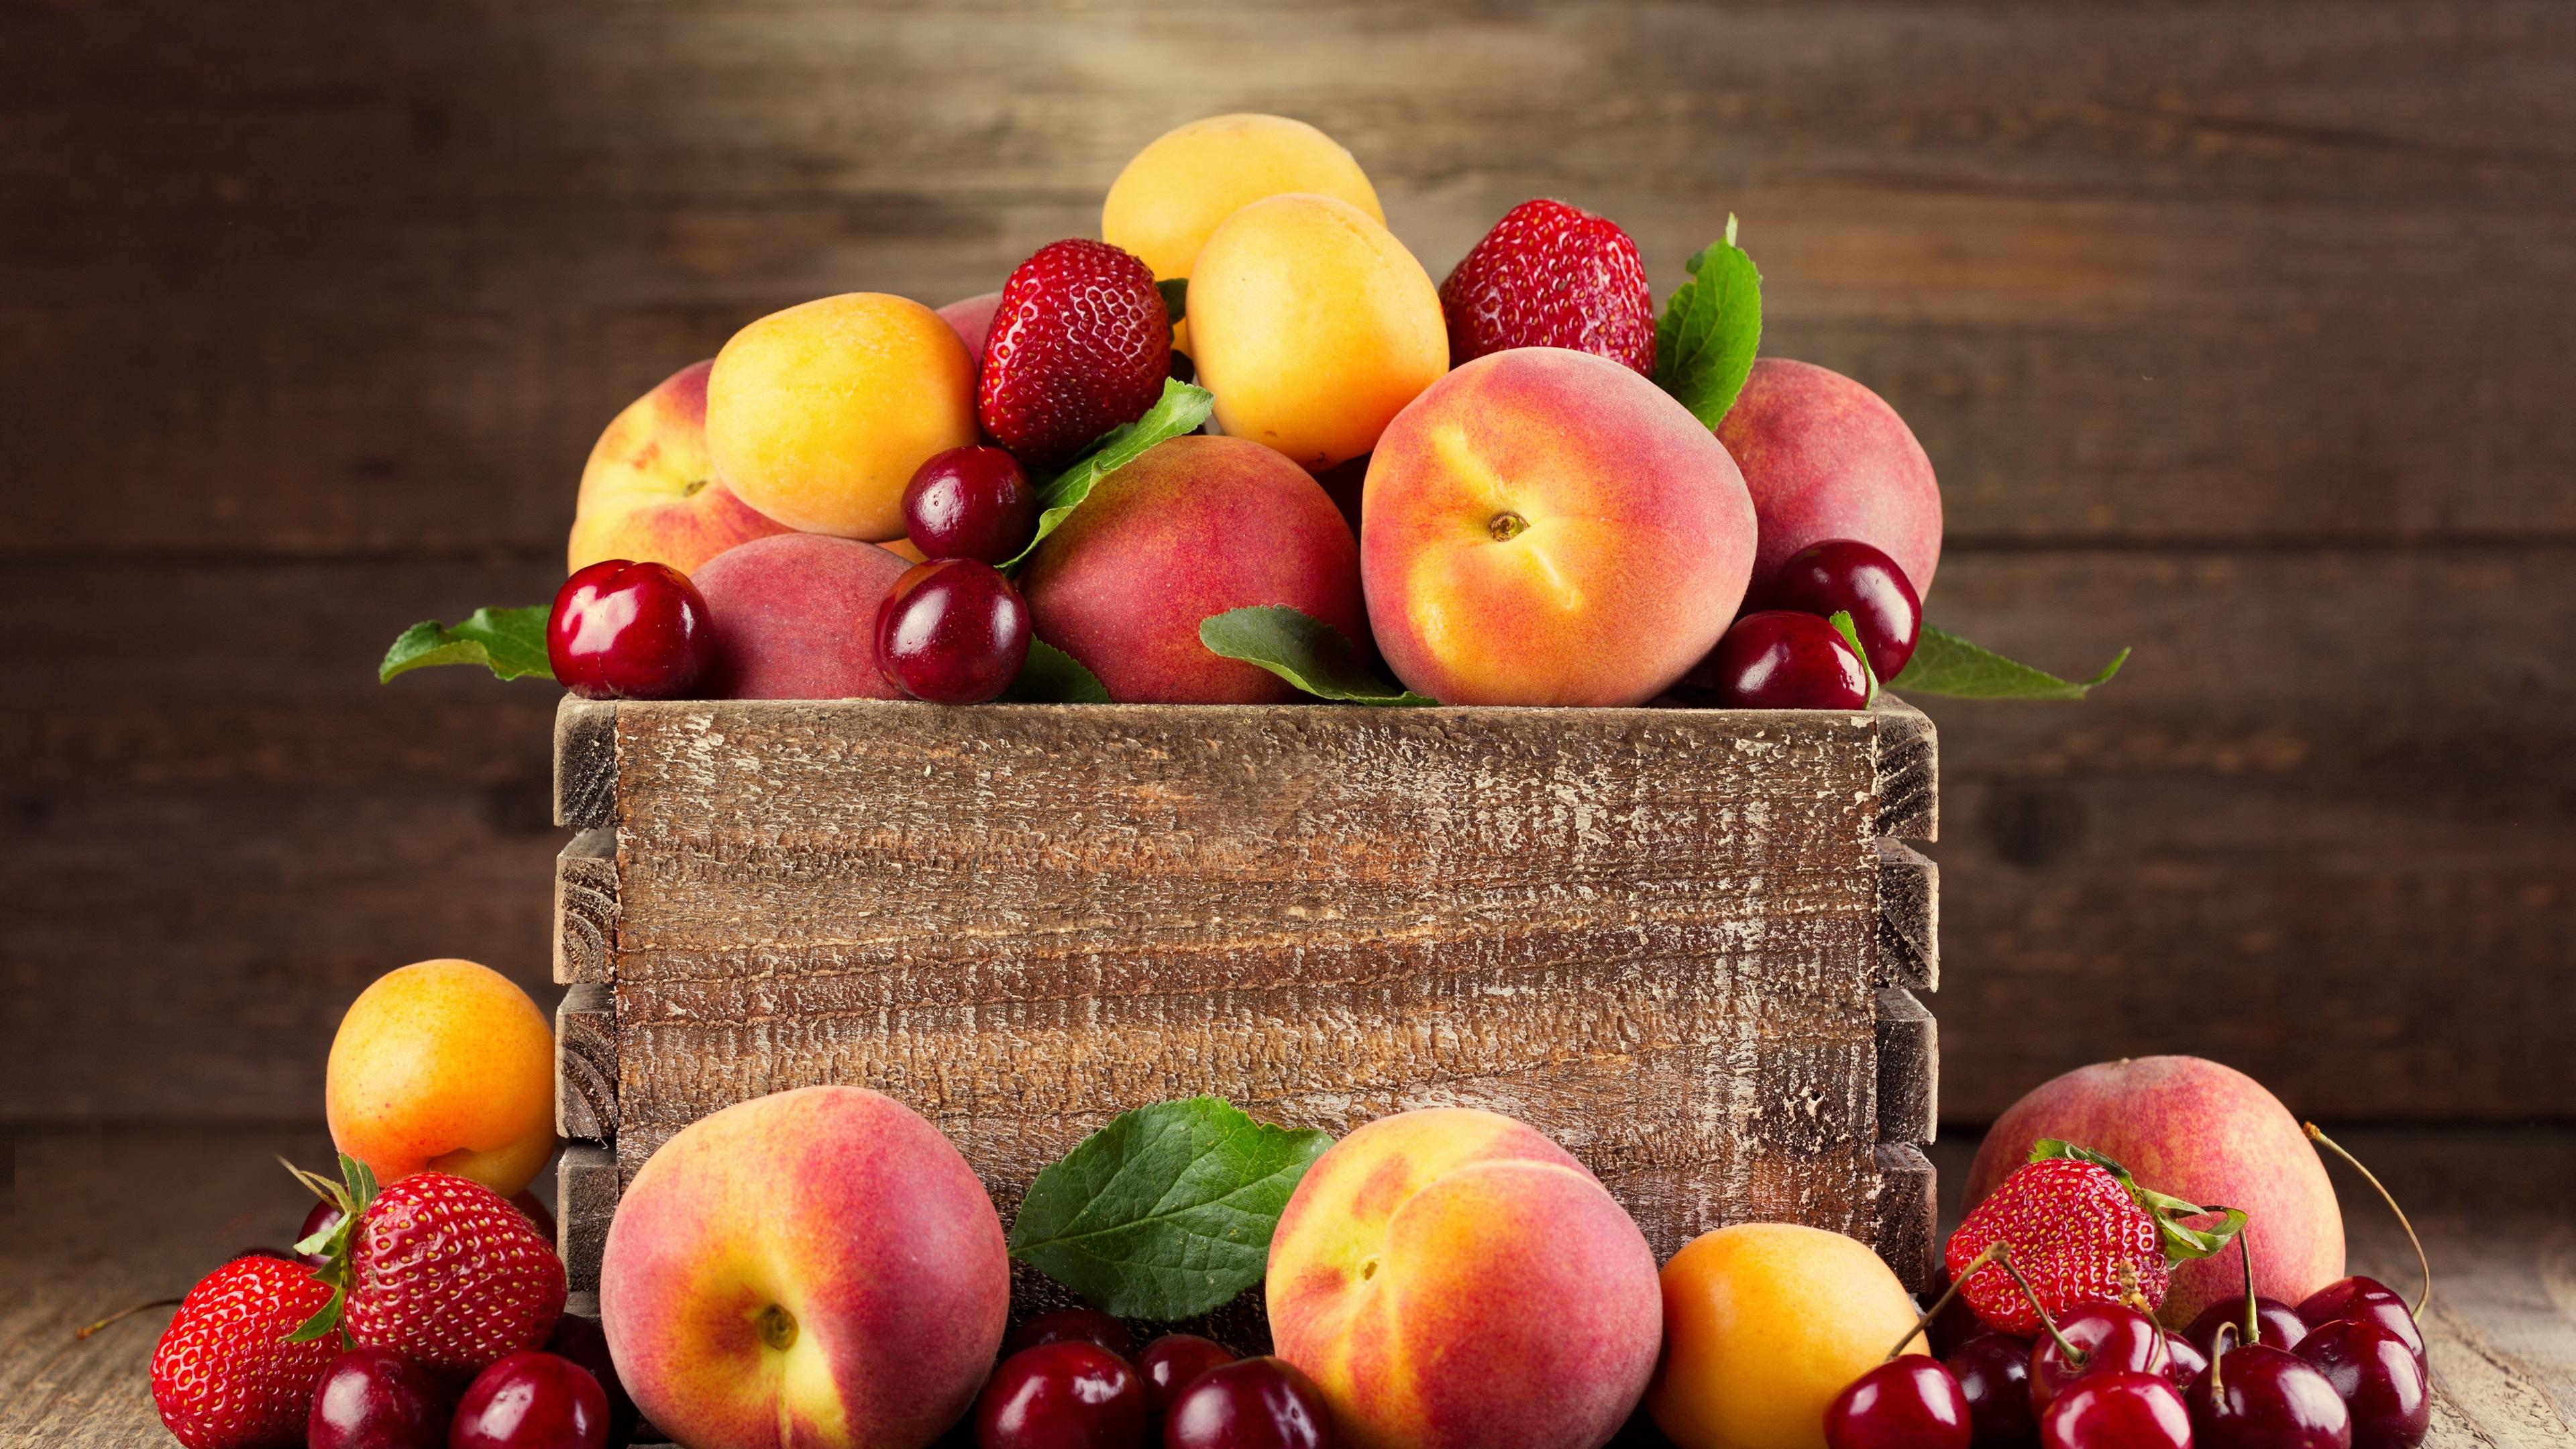 Персики мед вишня в хорошем качестве